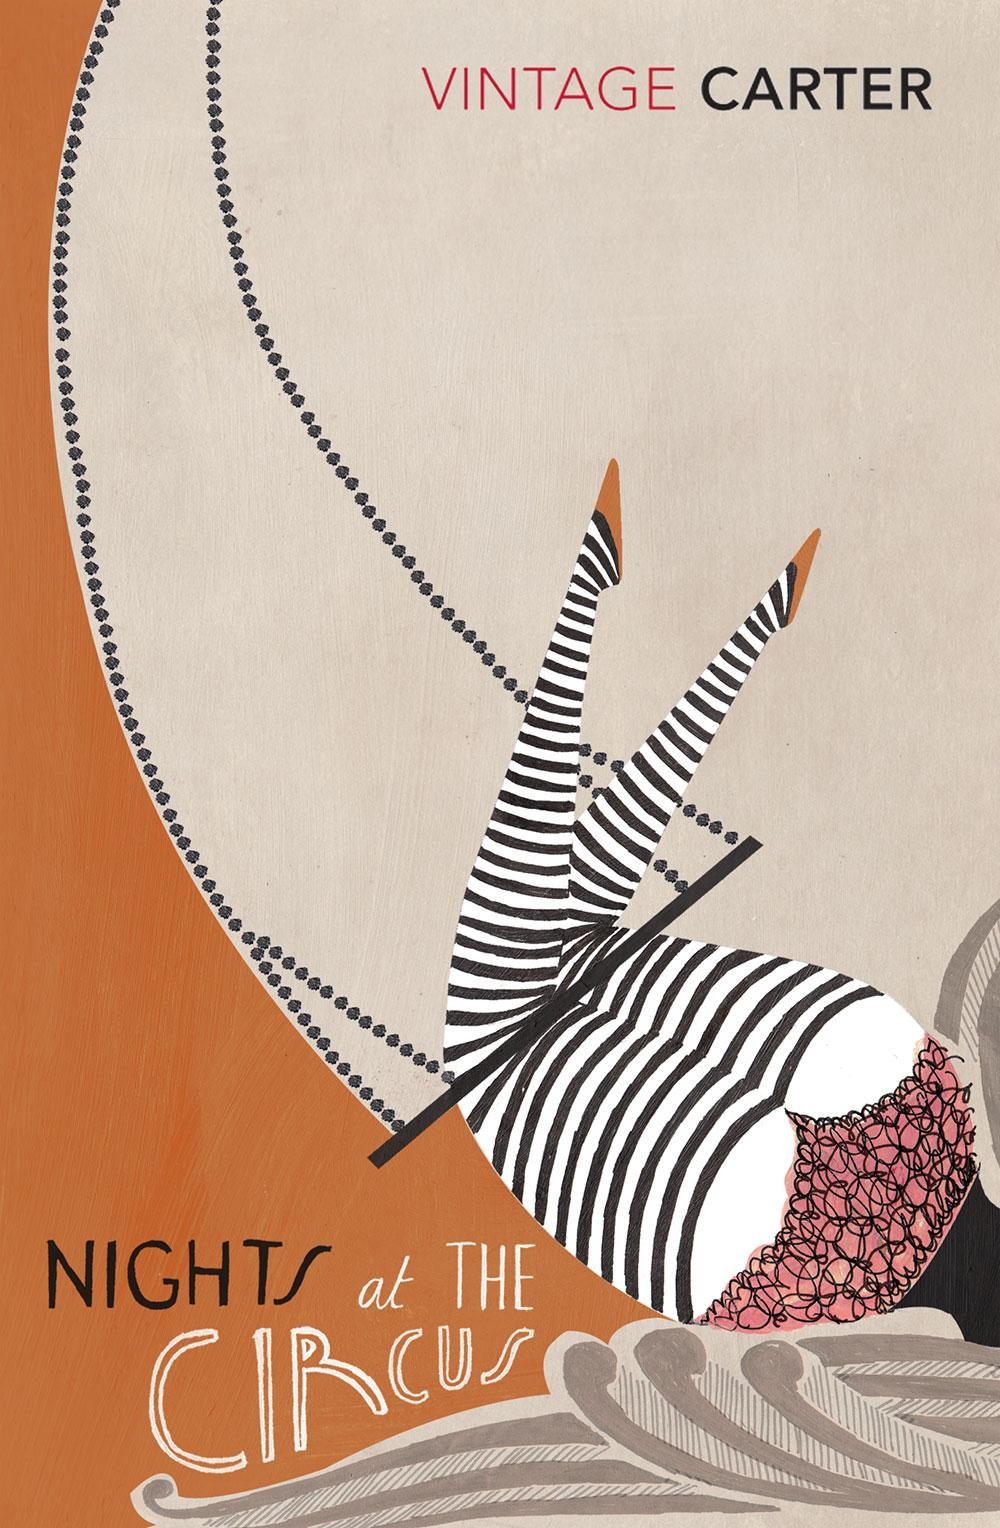 Nights-at-the-circus-by-Sara-Mulvanny.jpg